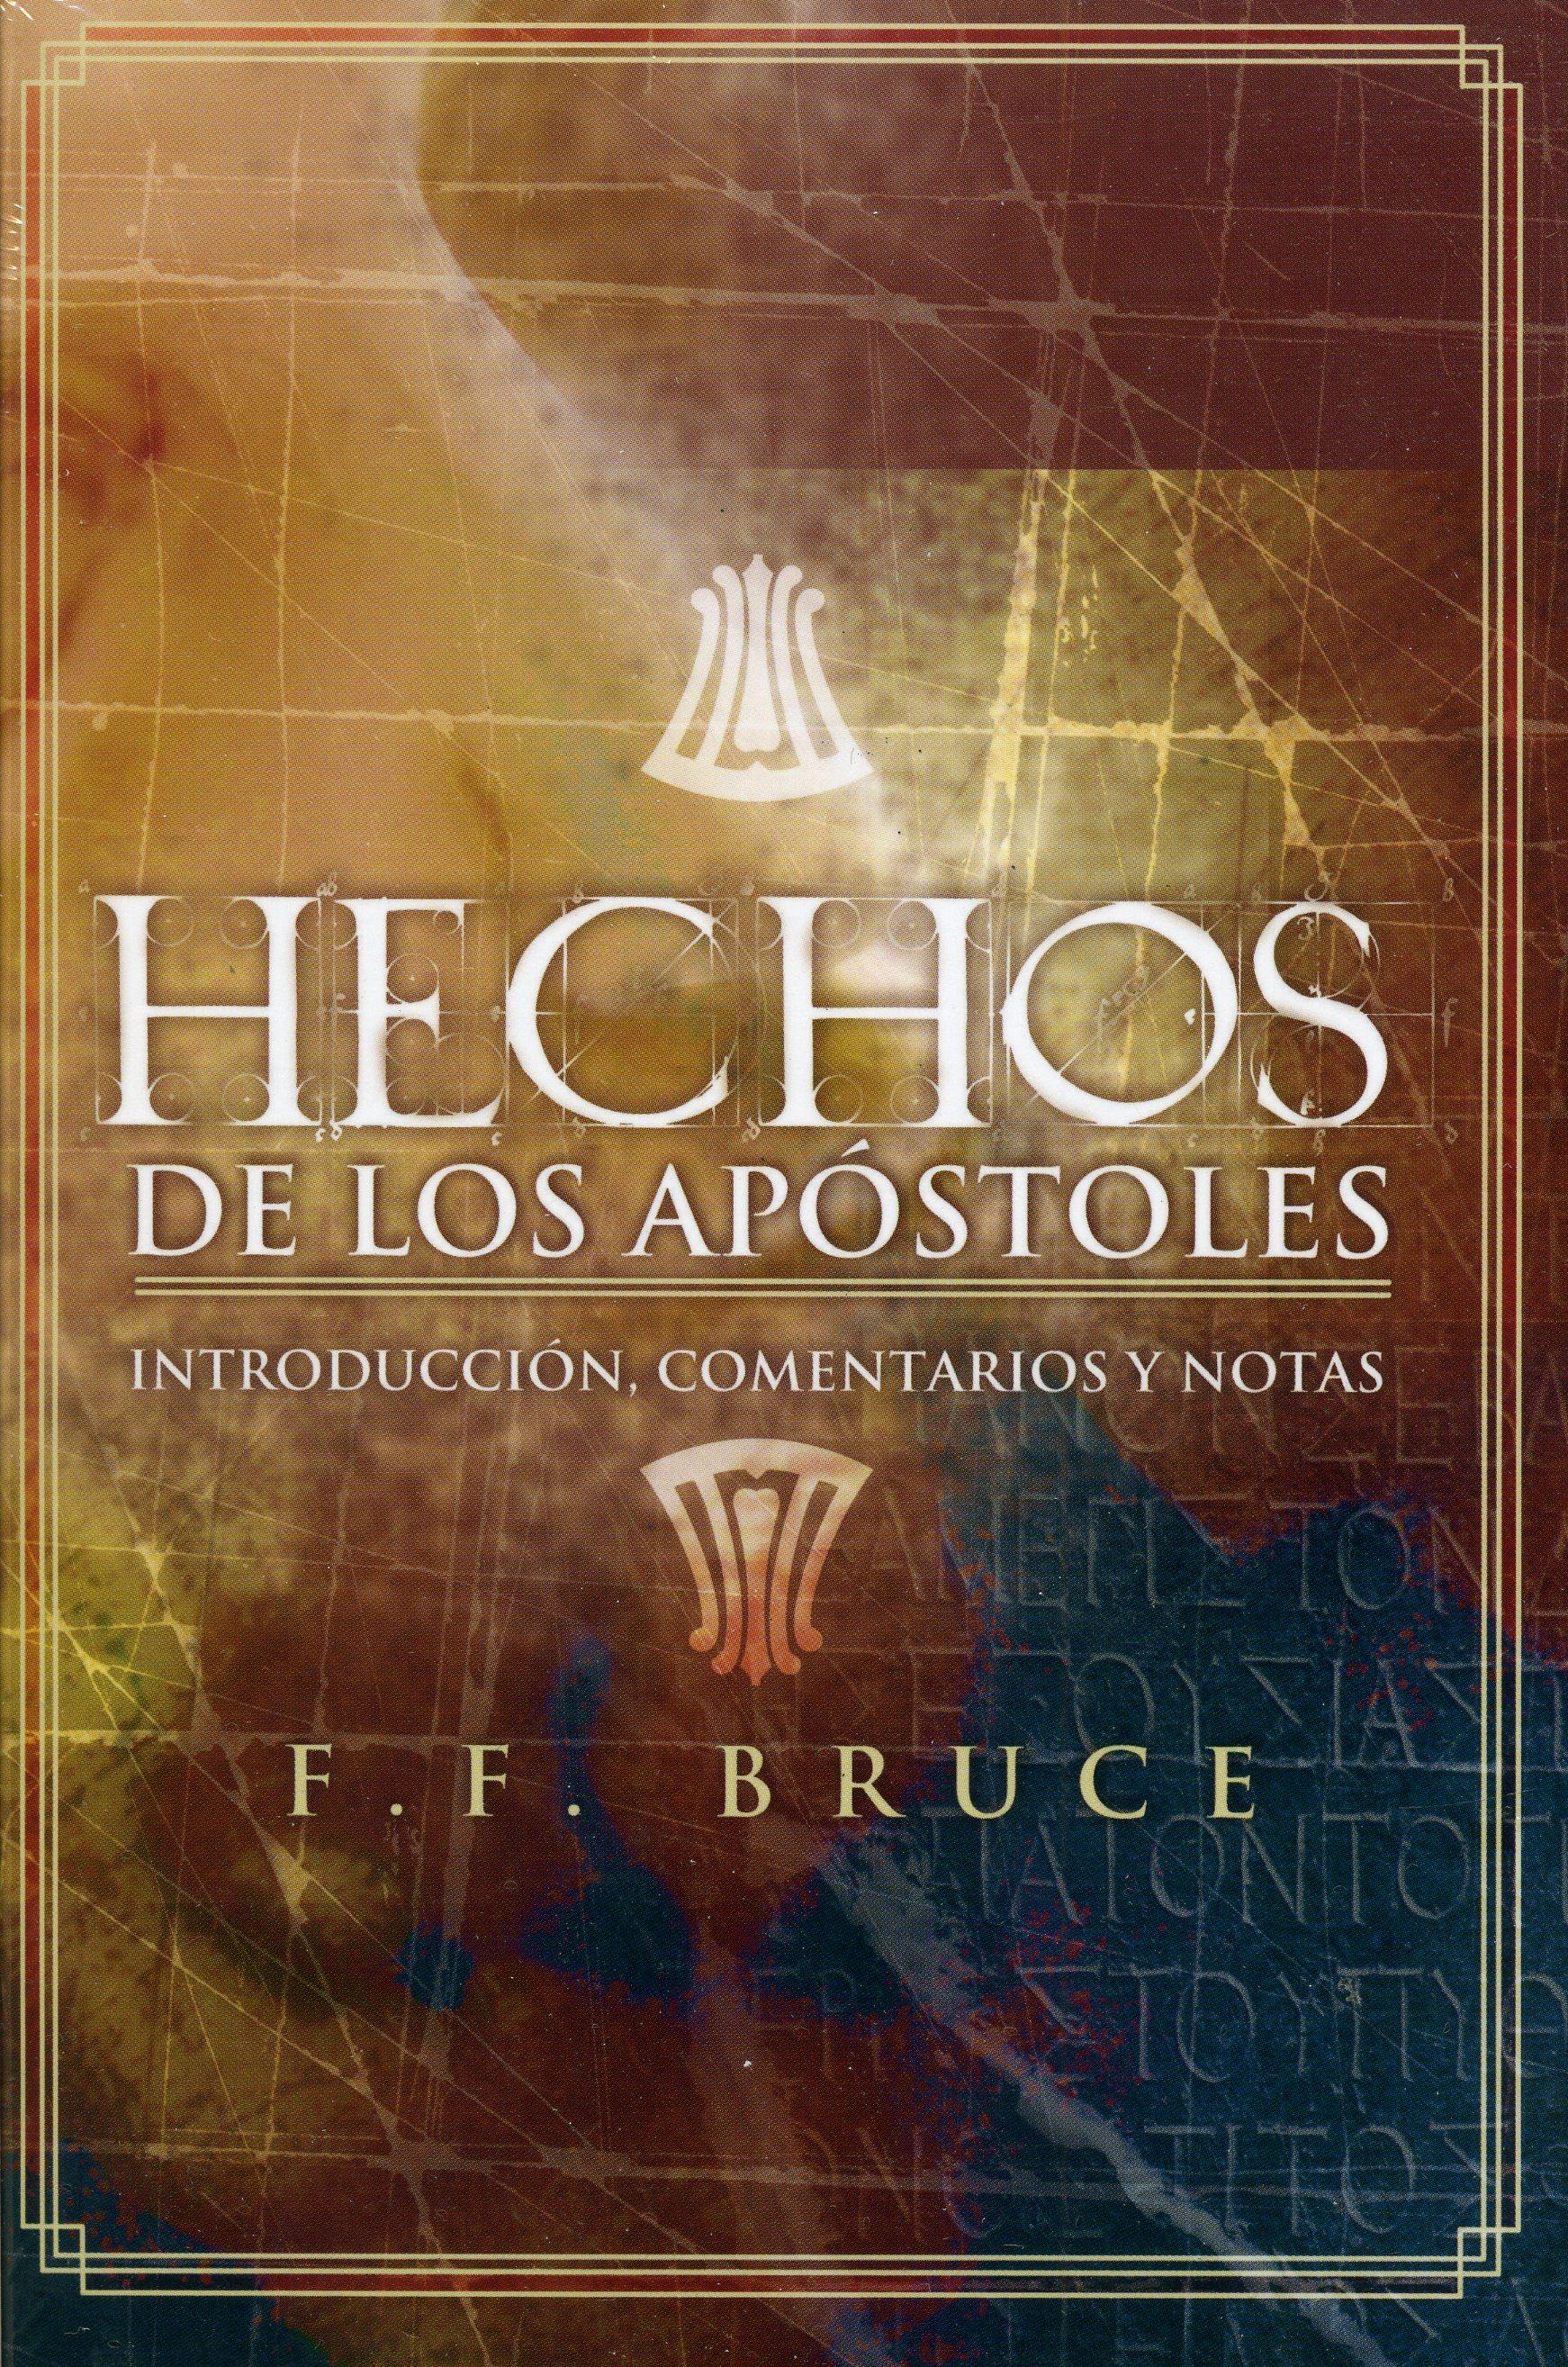 Hechos de los Apóstoles: Introducción, comentarios y notas